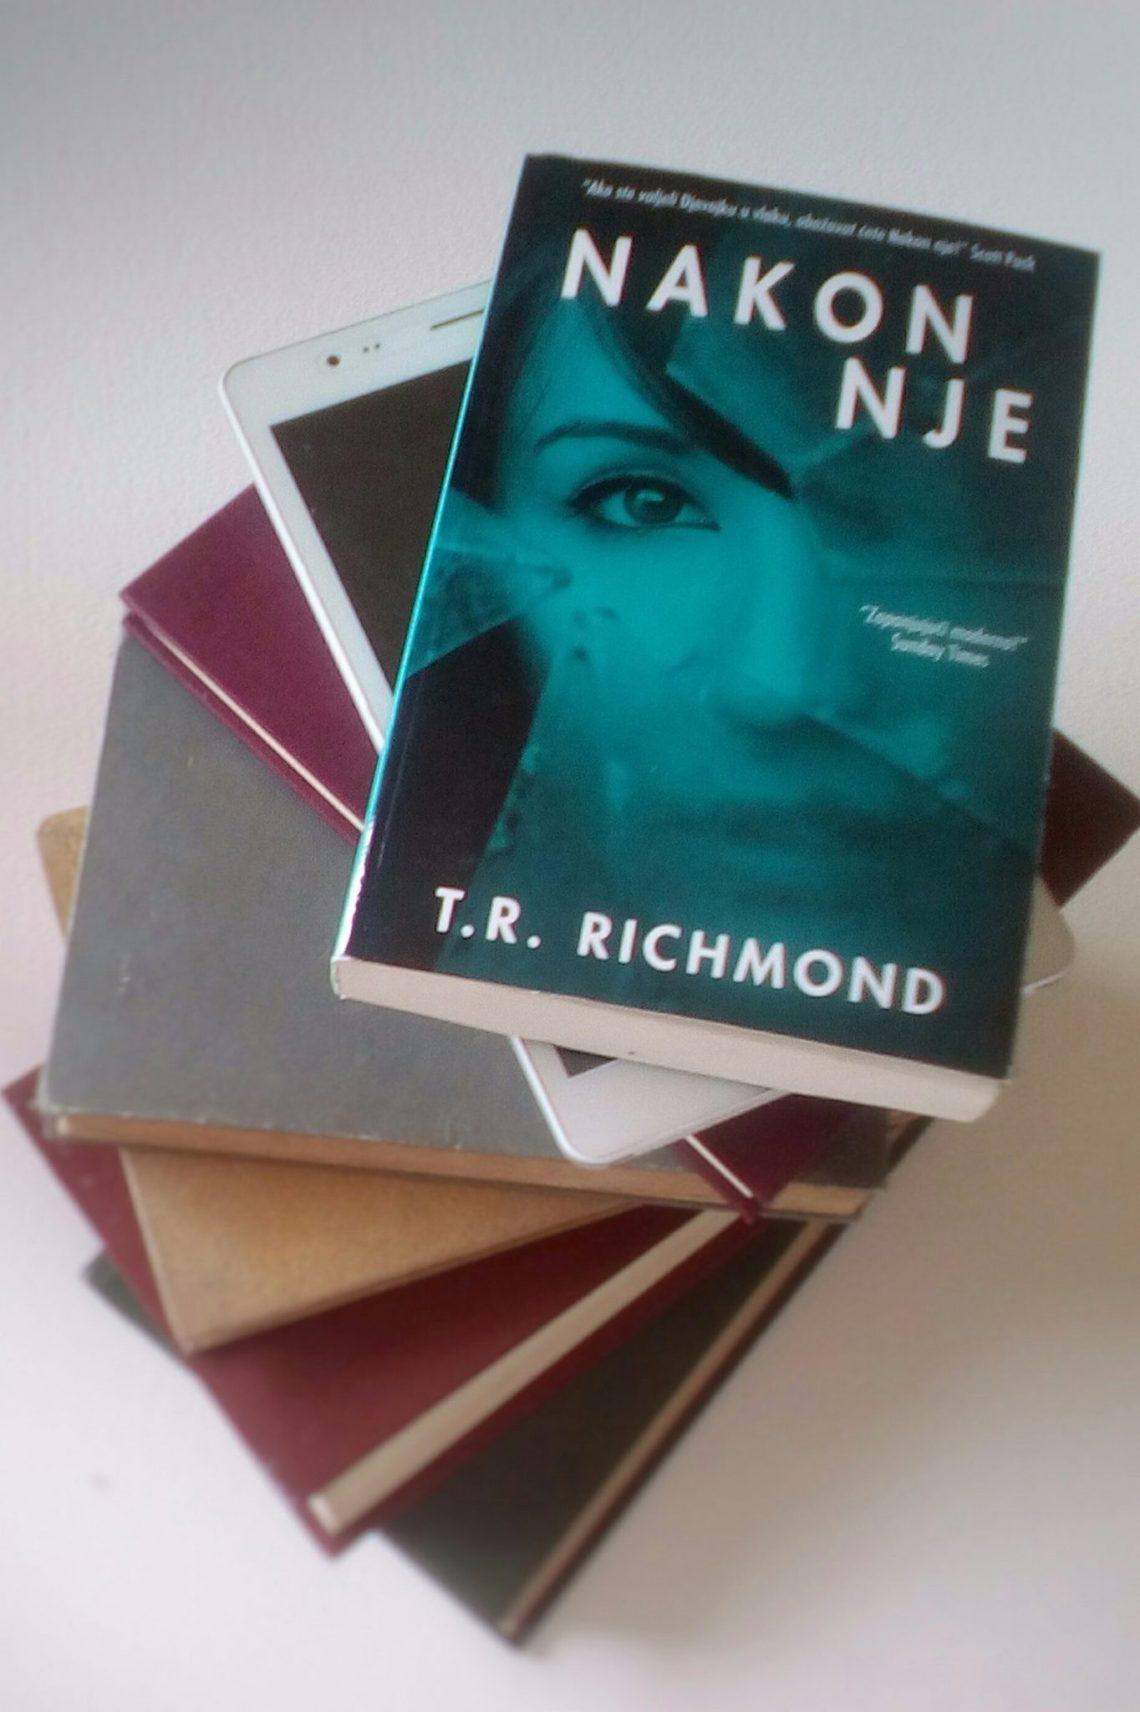 Nakon nje T.R. Richmond naslovnica